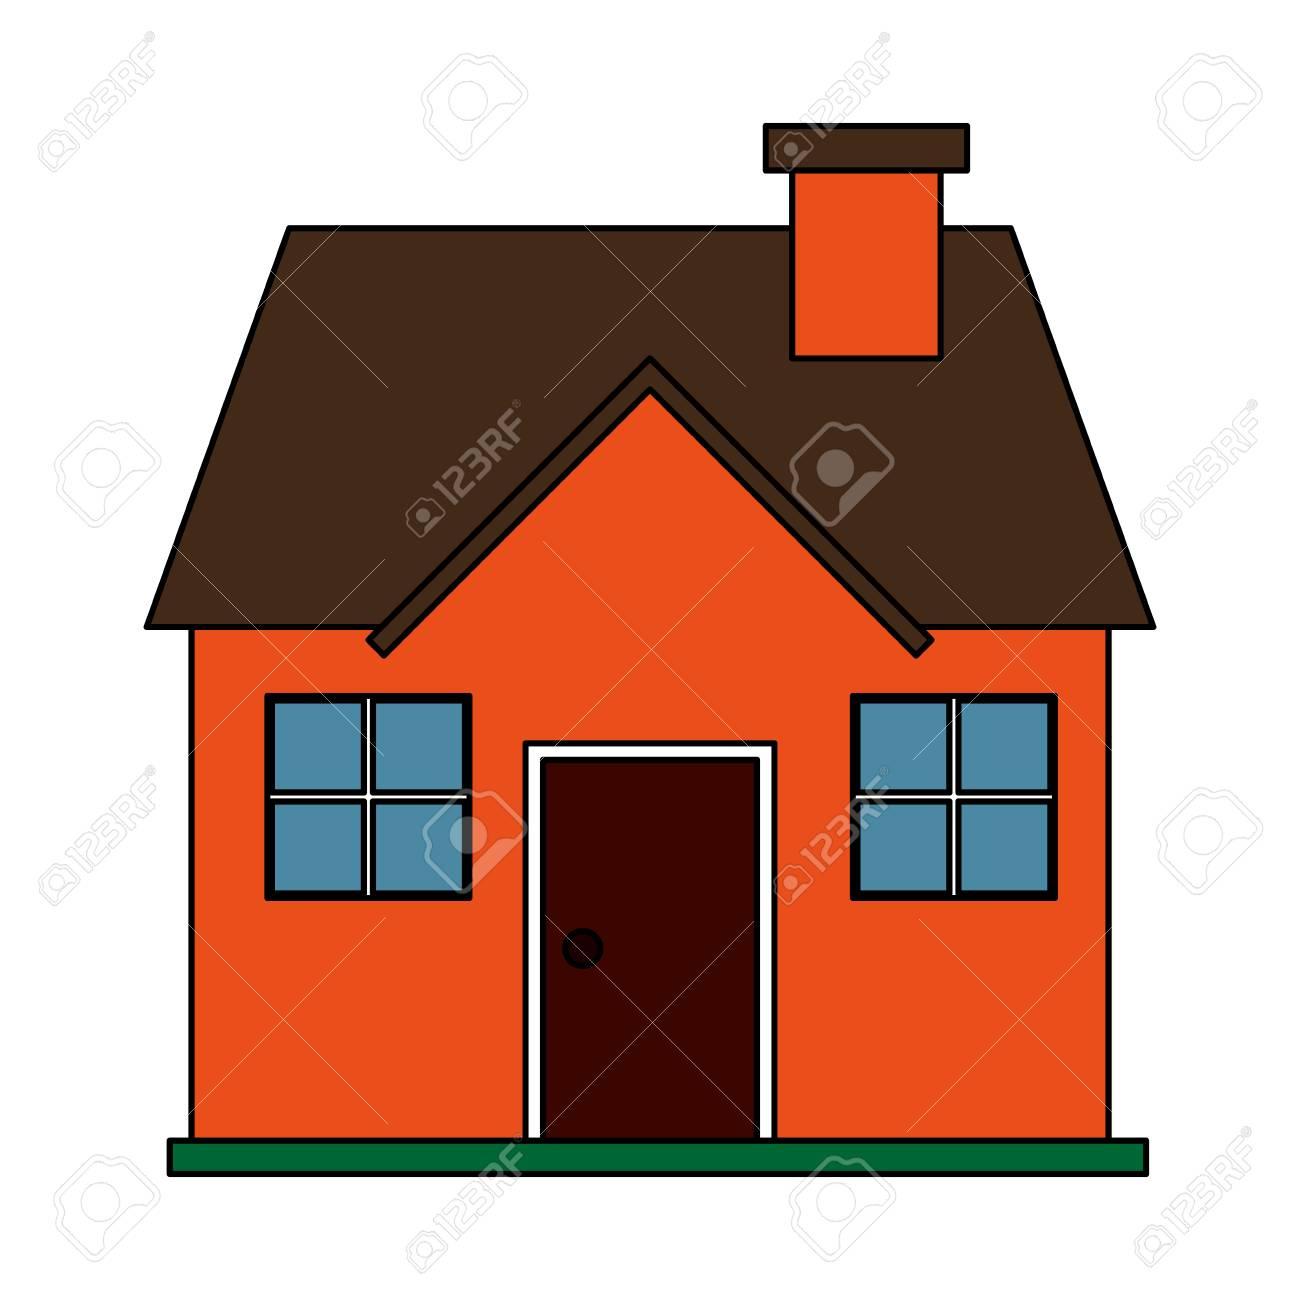 Imagen En Color De Dibujos Animados Fachada Confortable Casa Con Chimenea En Ilustración Vectorial